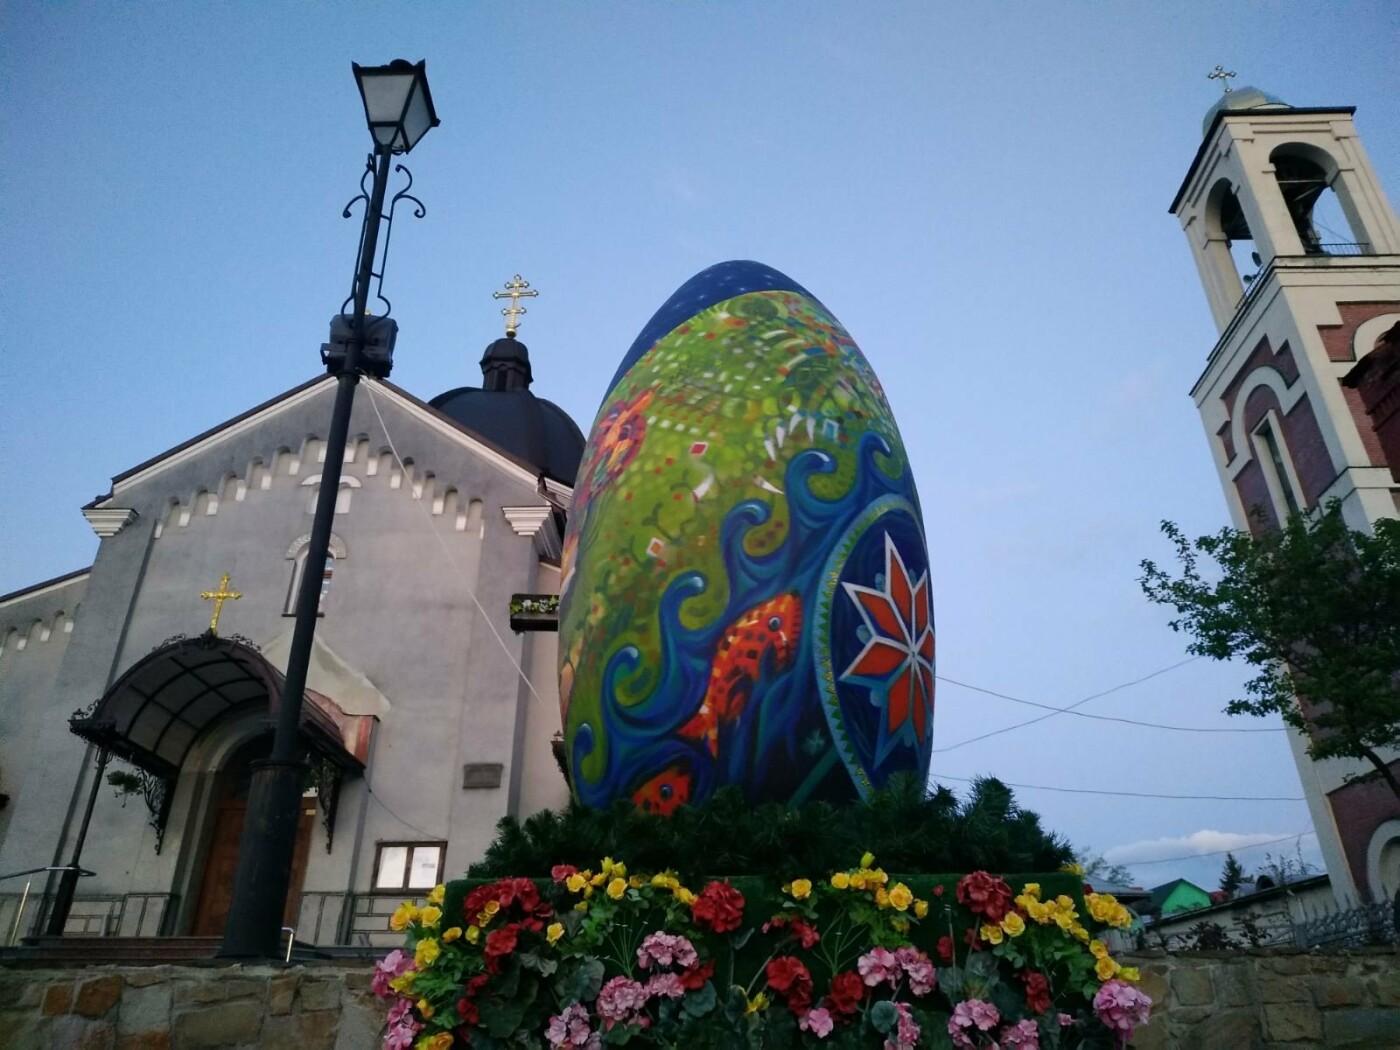 У Трускавці біля церкви встановили дивовижну писанку. Фото, фото-5, Фото - 03247.com.ua